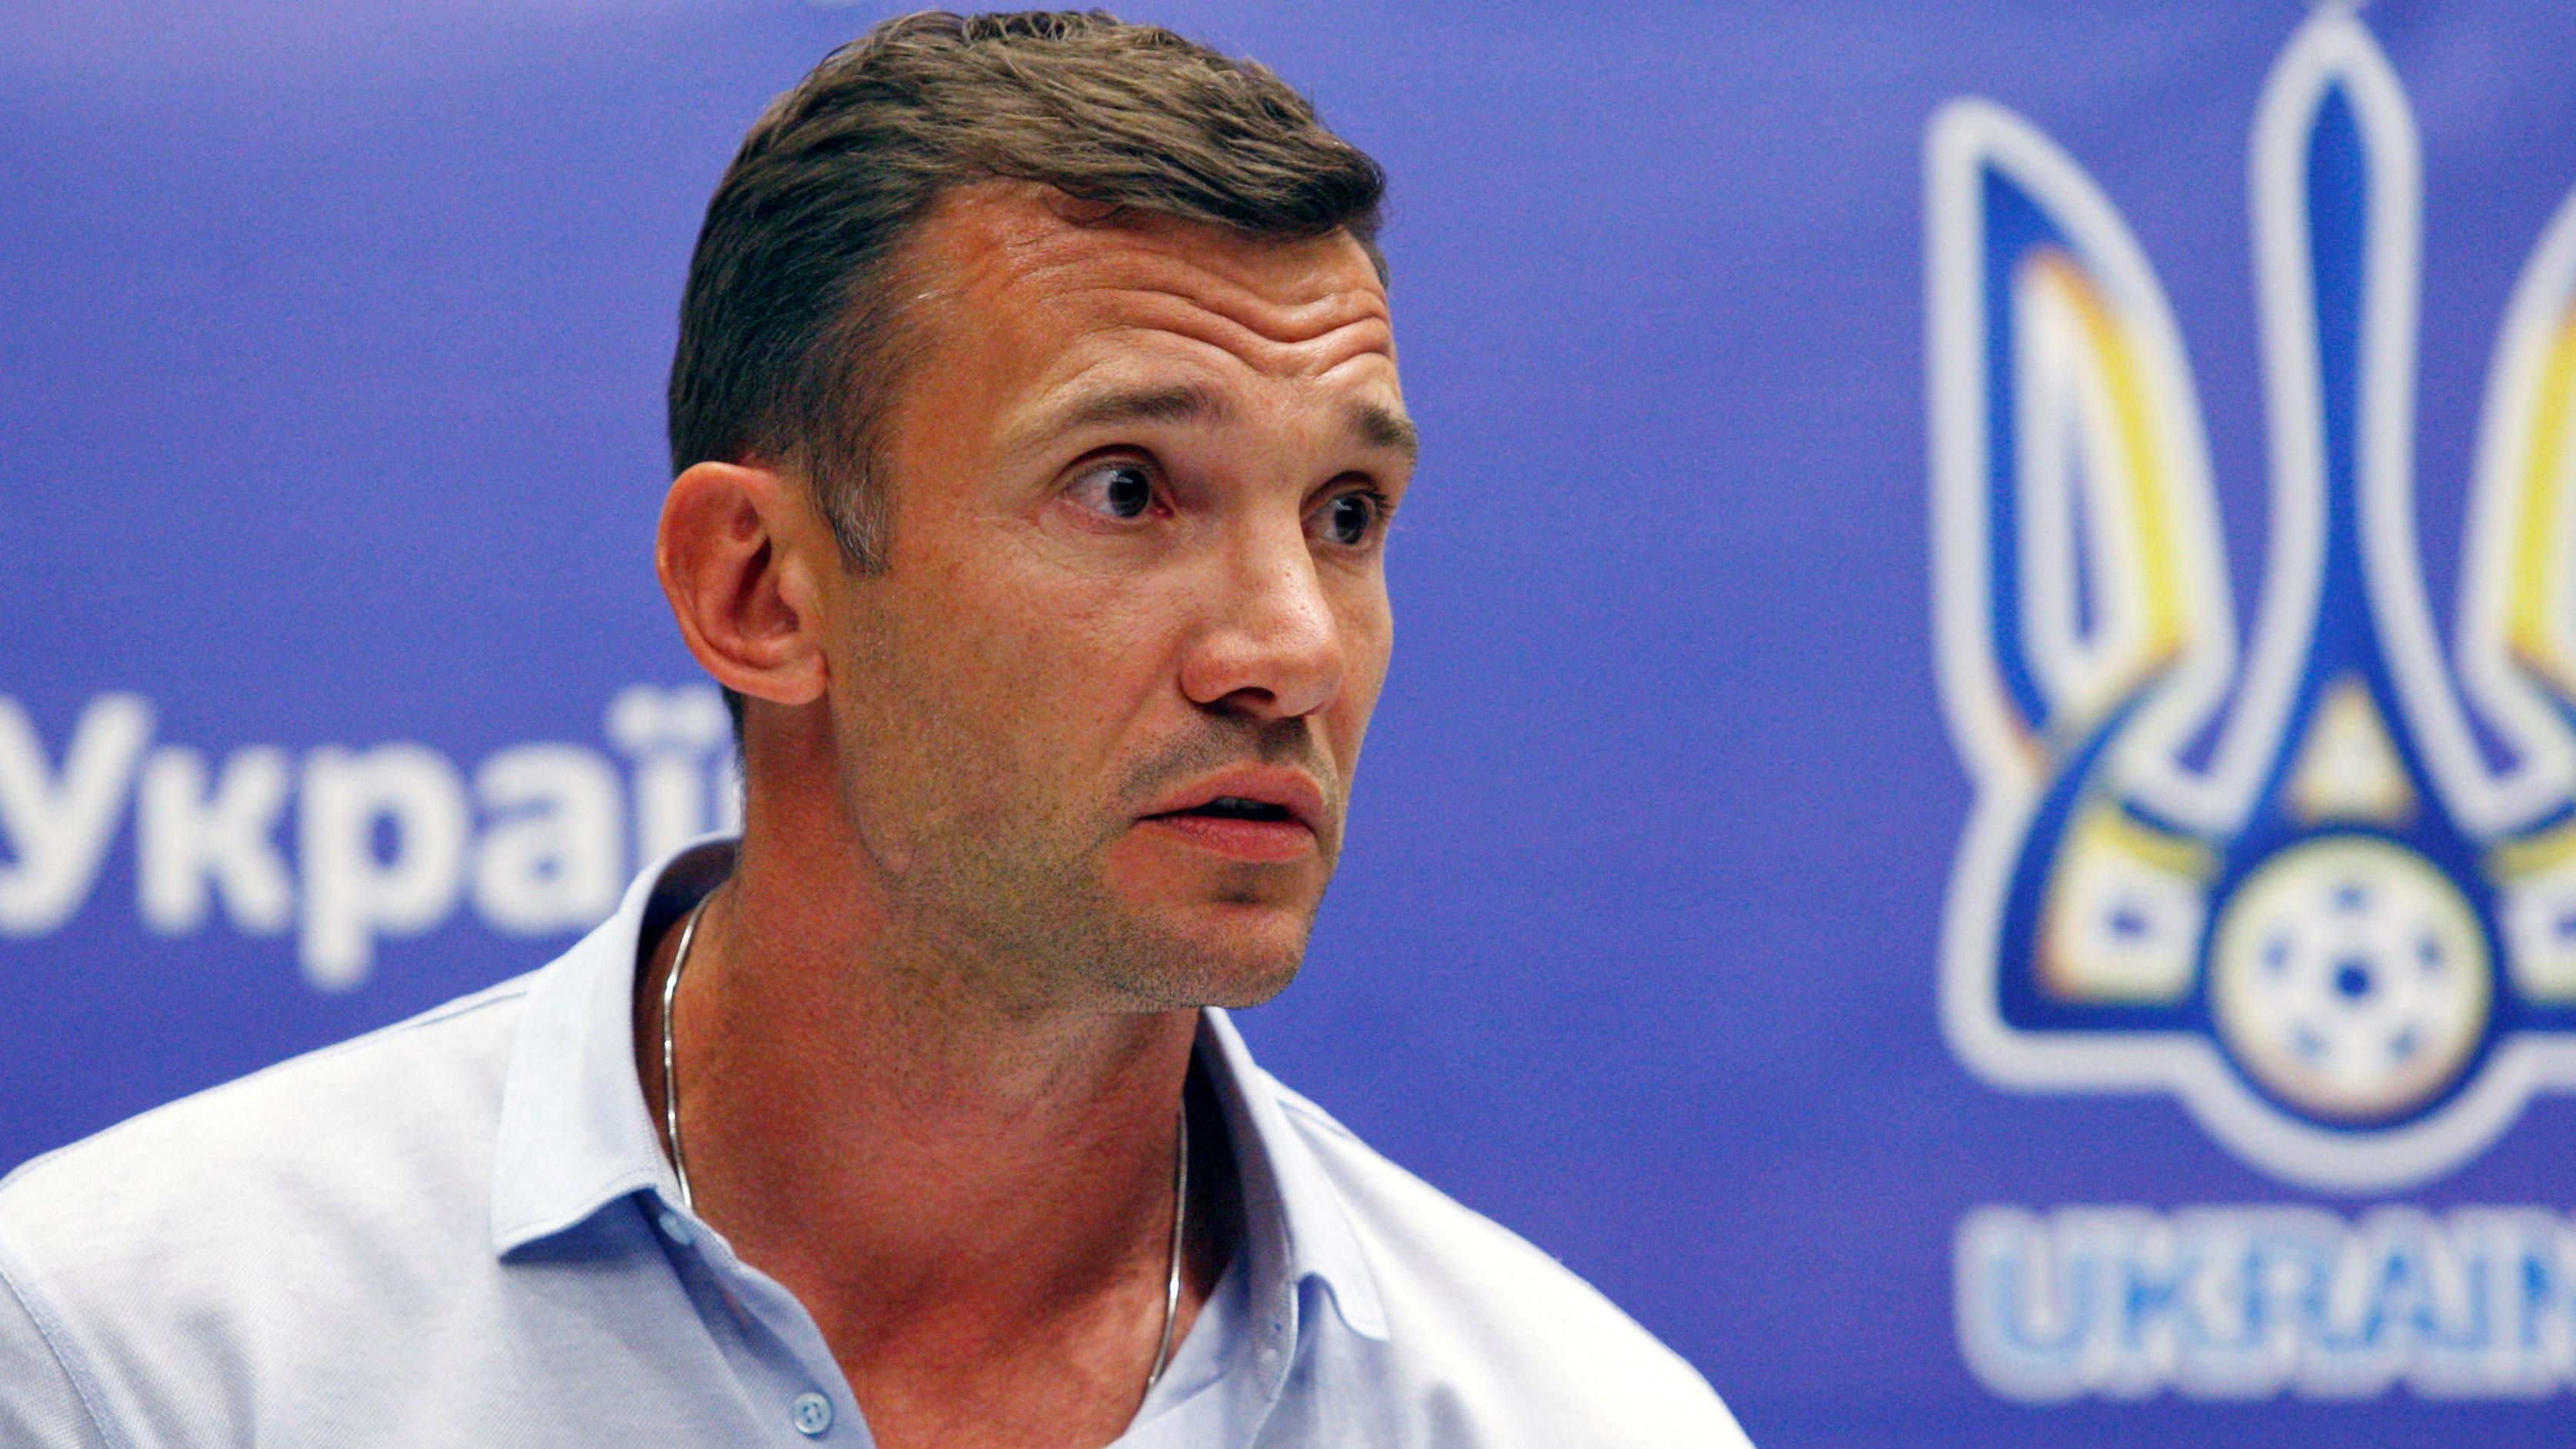 Andriy Shevchenko Ukraine names former star manager